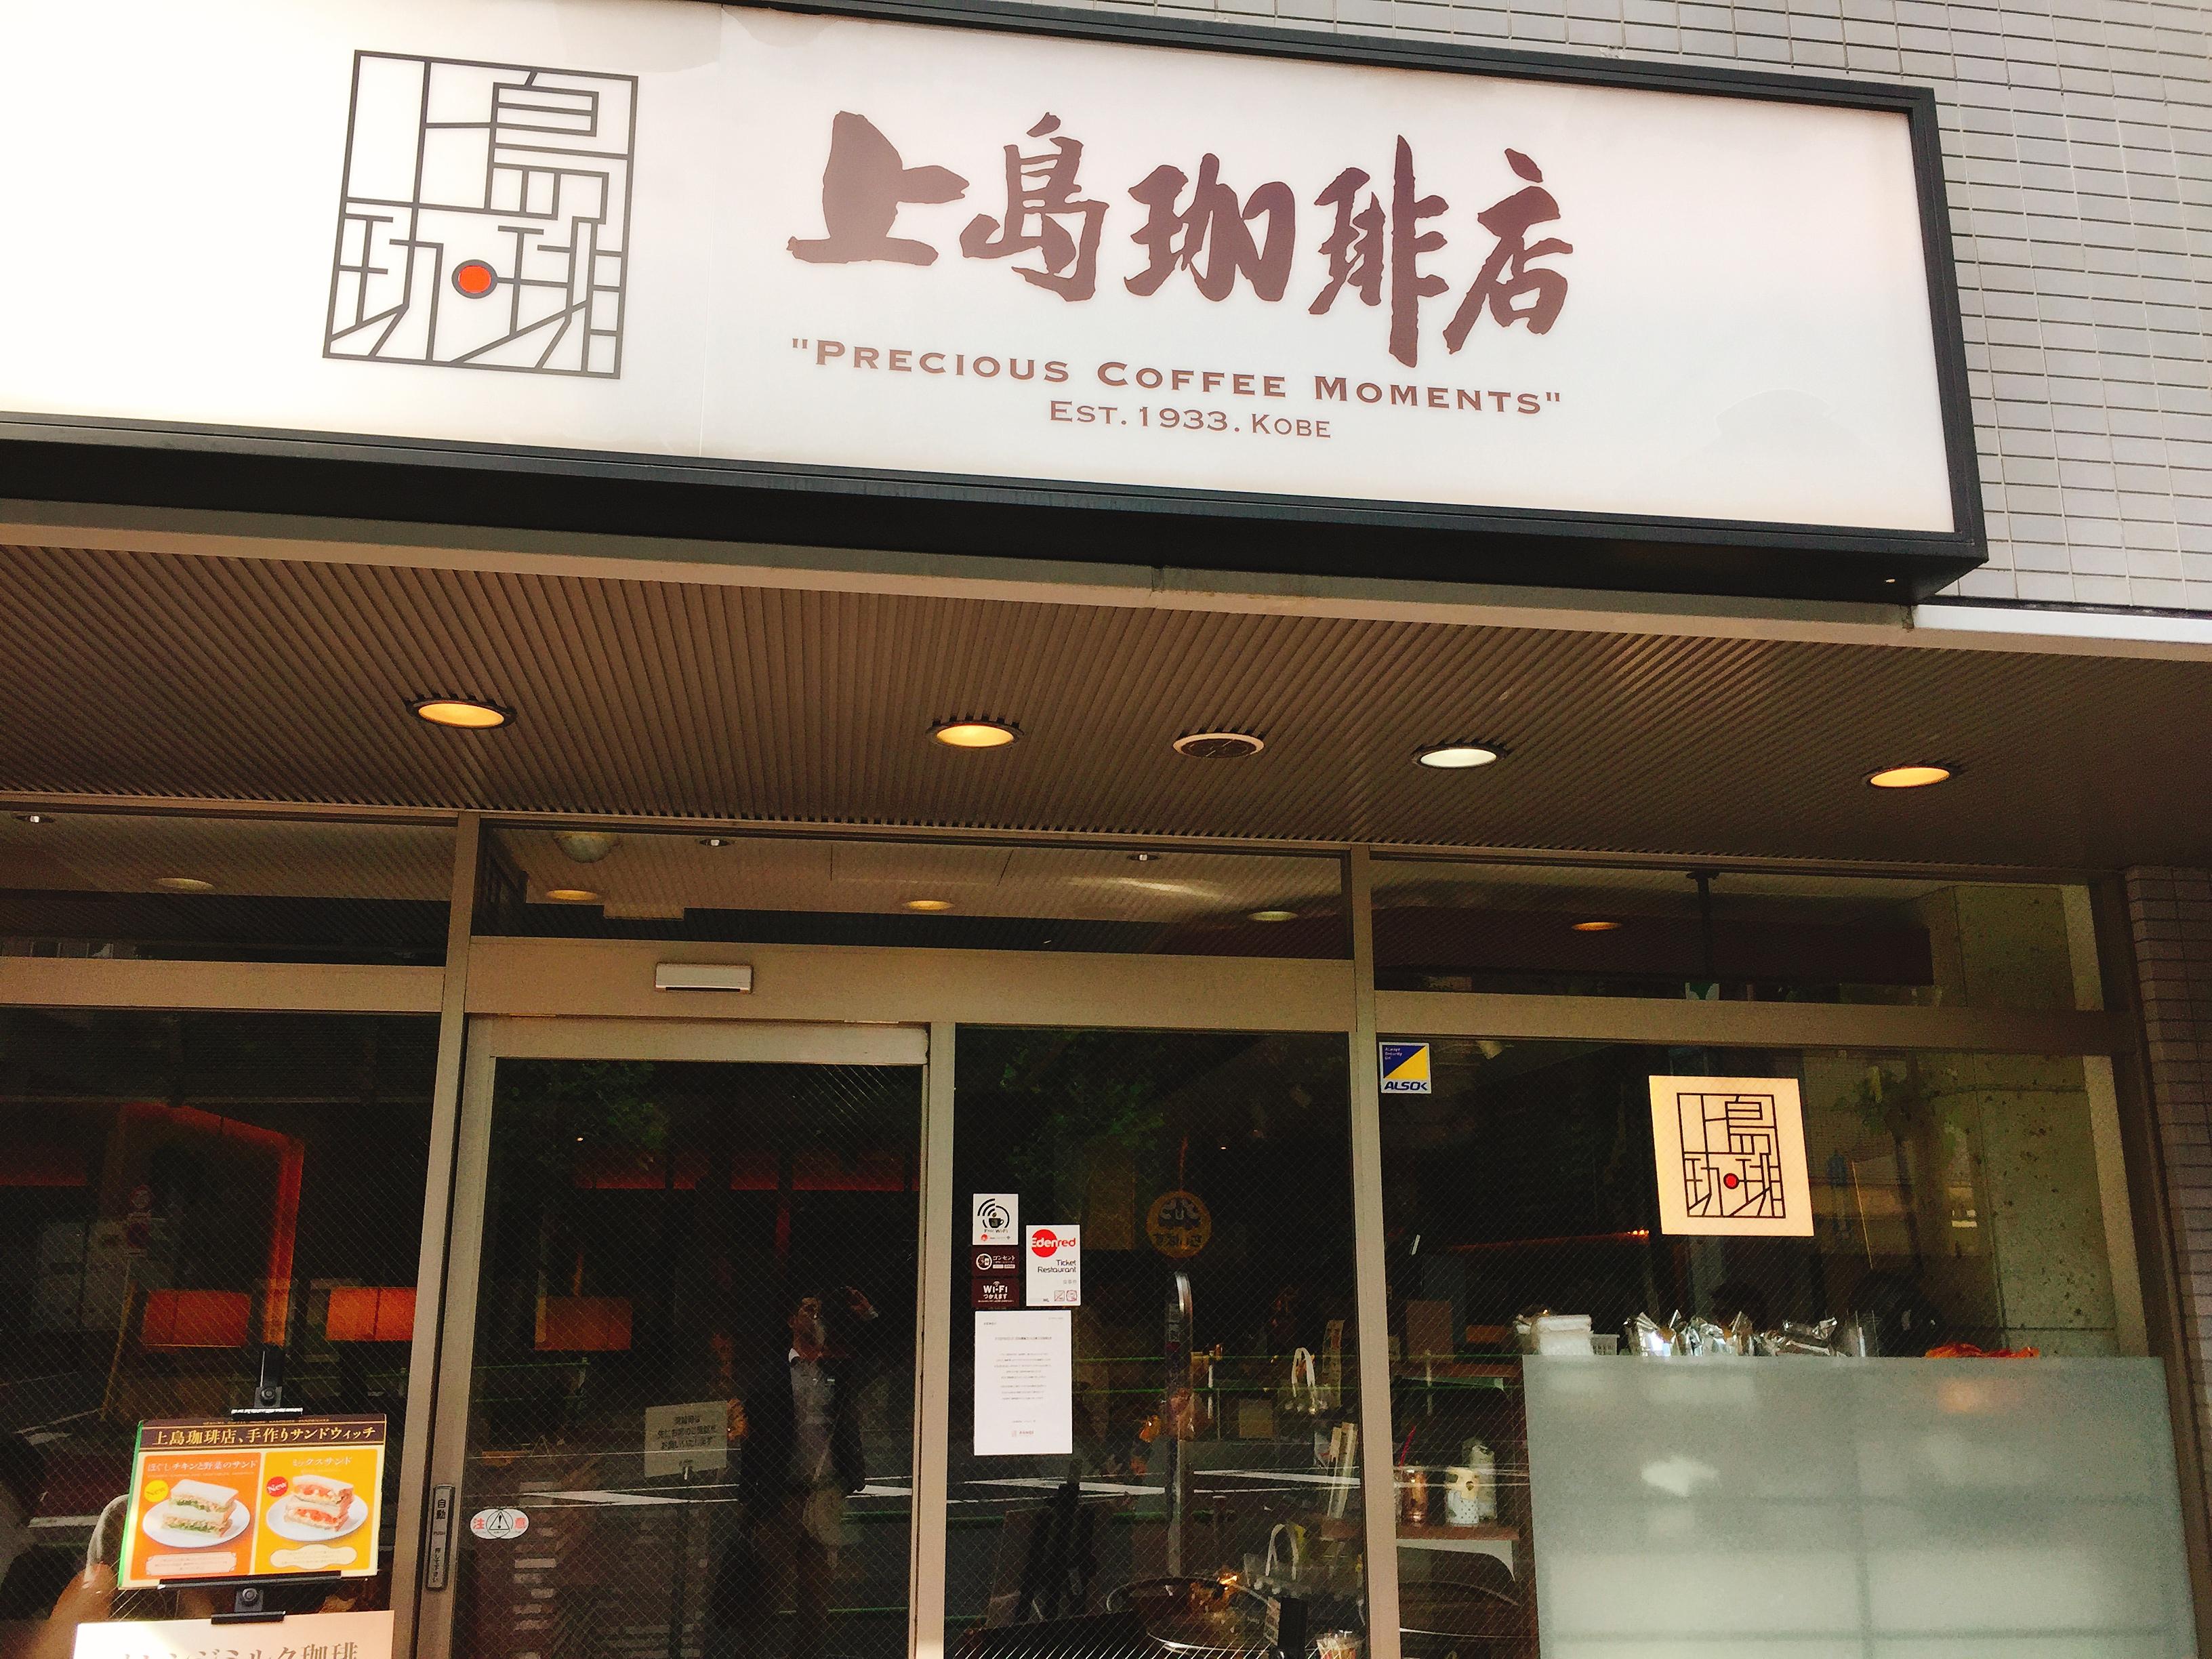 神谷町駅 電源カフェ 上島珈琲店 神谷町駅前店